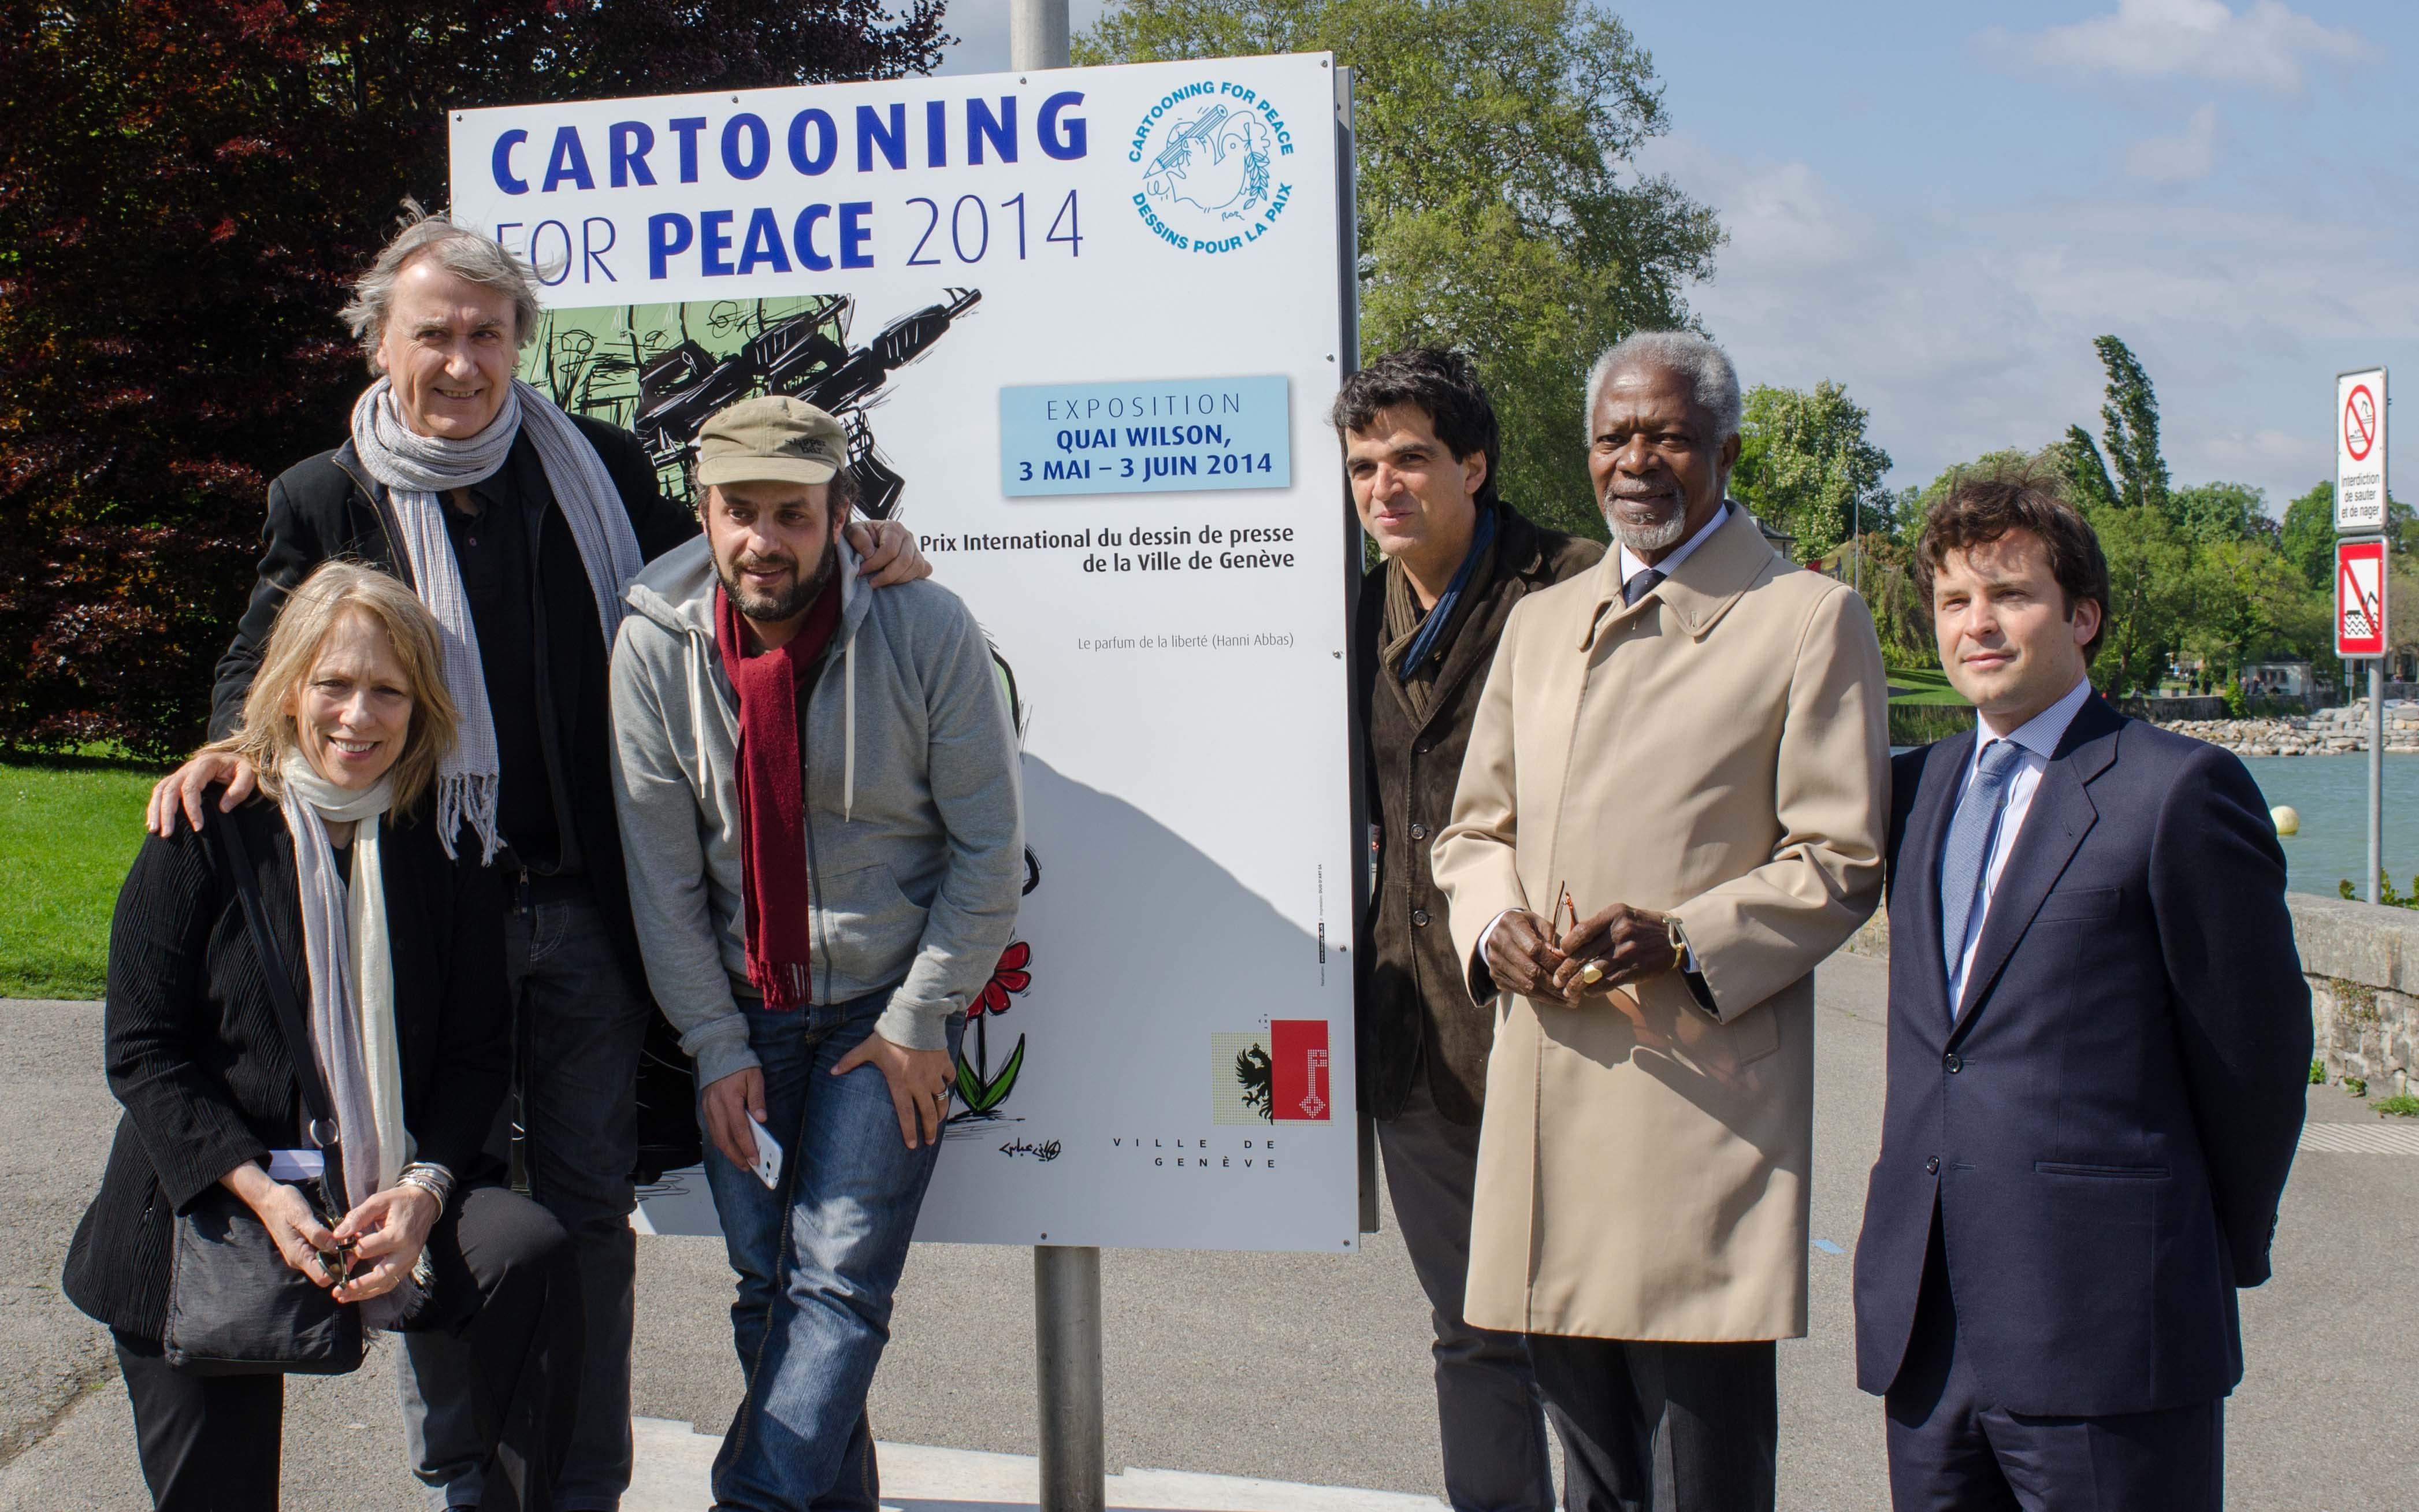 Inauguration de l'exposition en présence de Kofi Annan